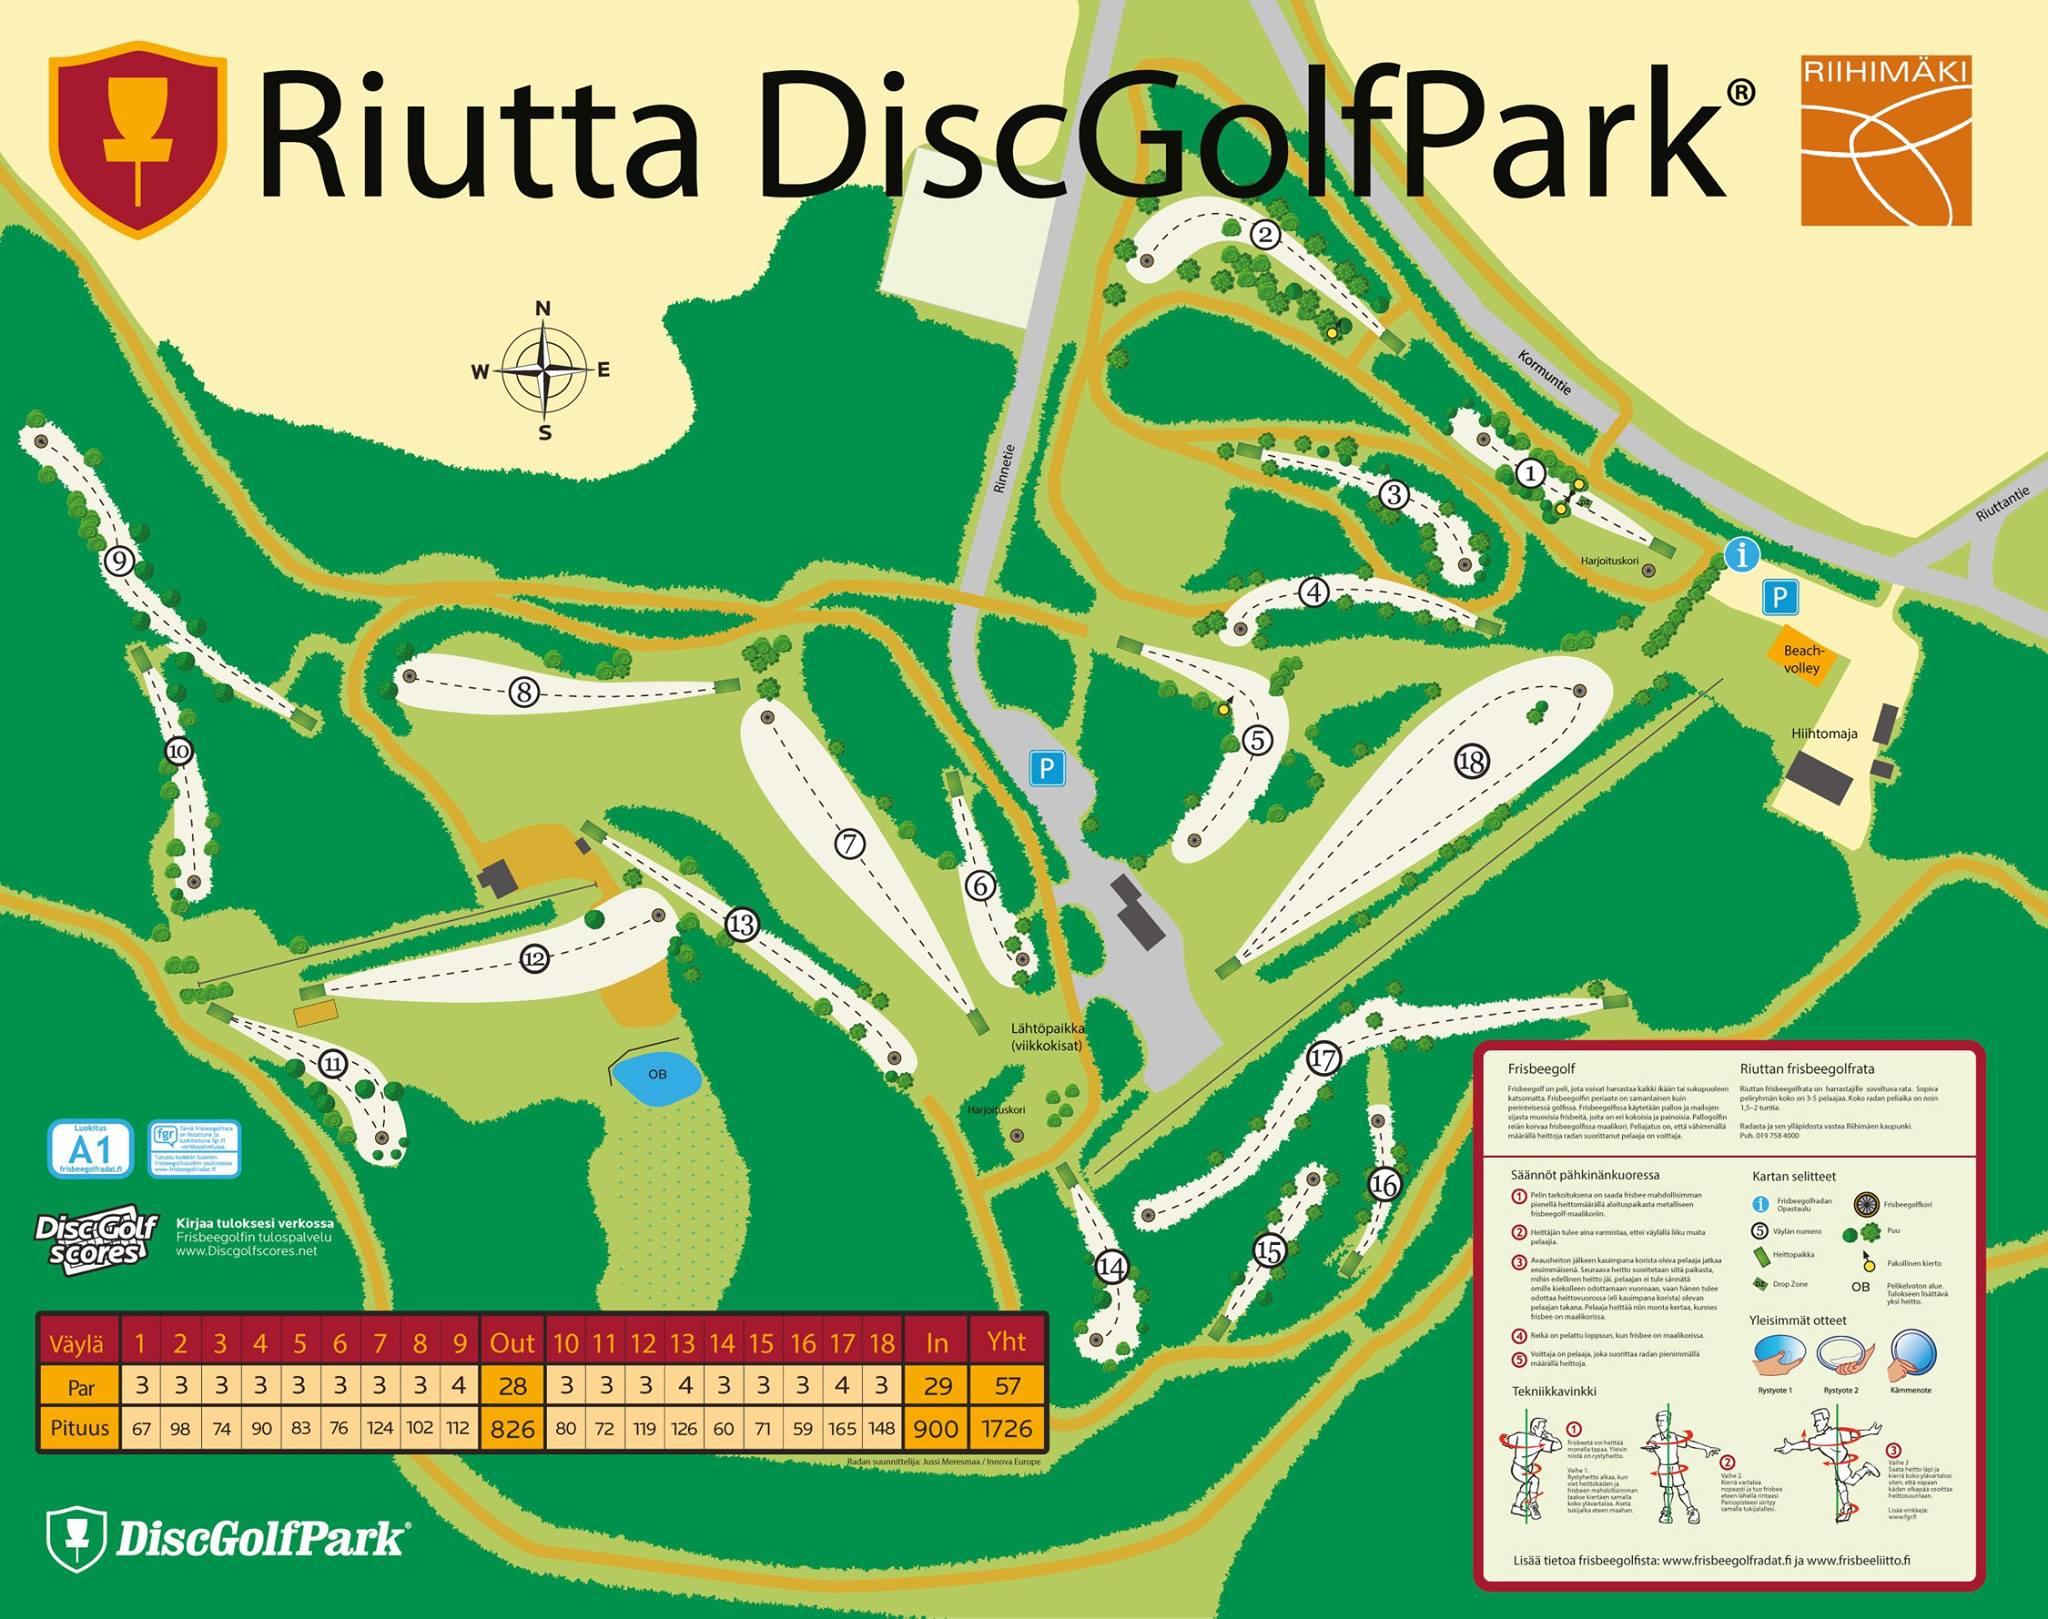 riutta_riihimaki_ratakartta_2014_2